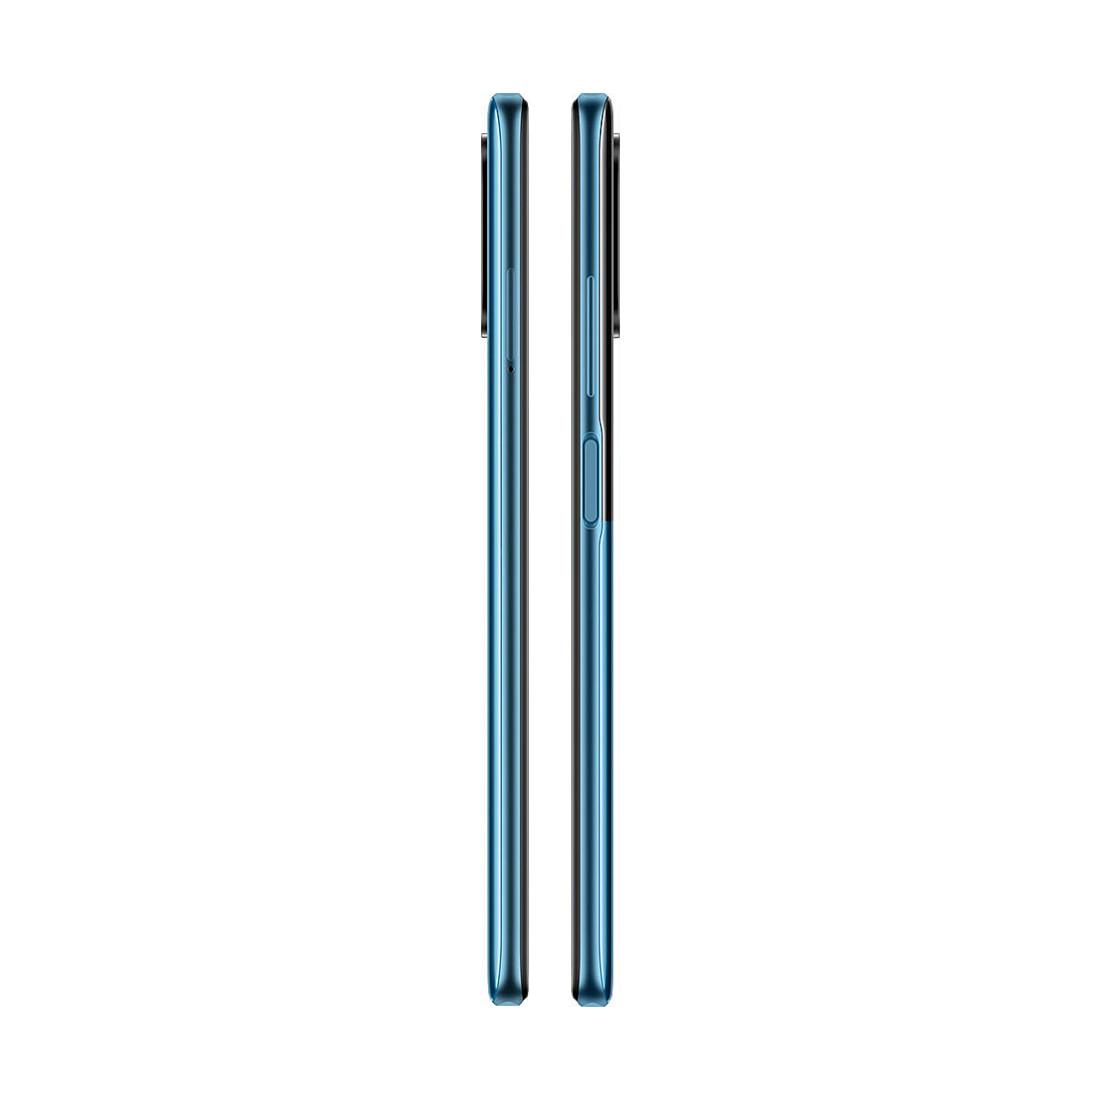 Мобильный телефон Poco M3 Pro 128GB Cool Blue - фото 3